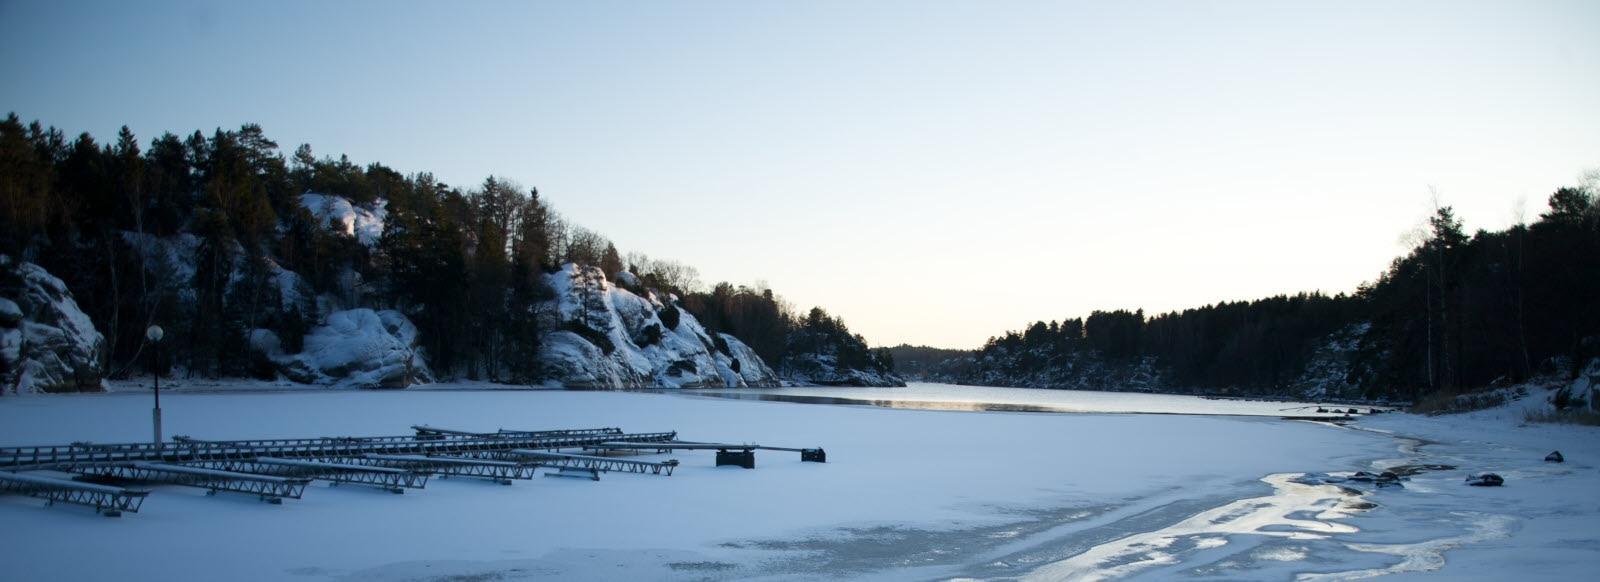 nord-norge laget sandefjord